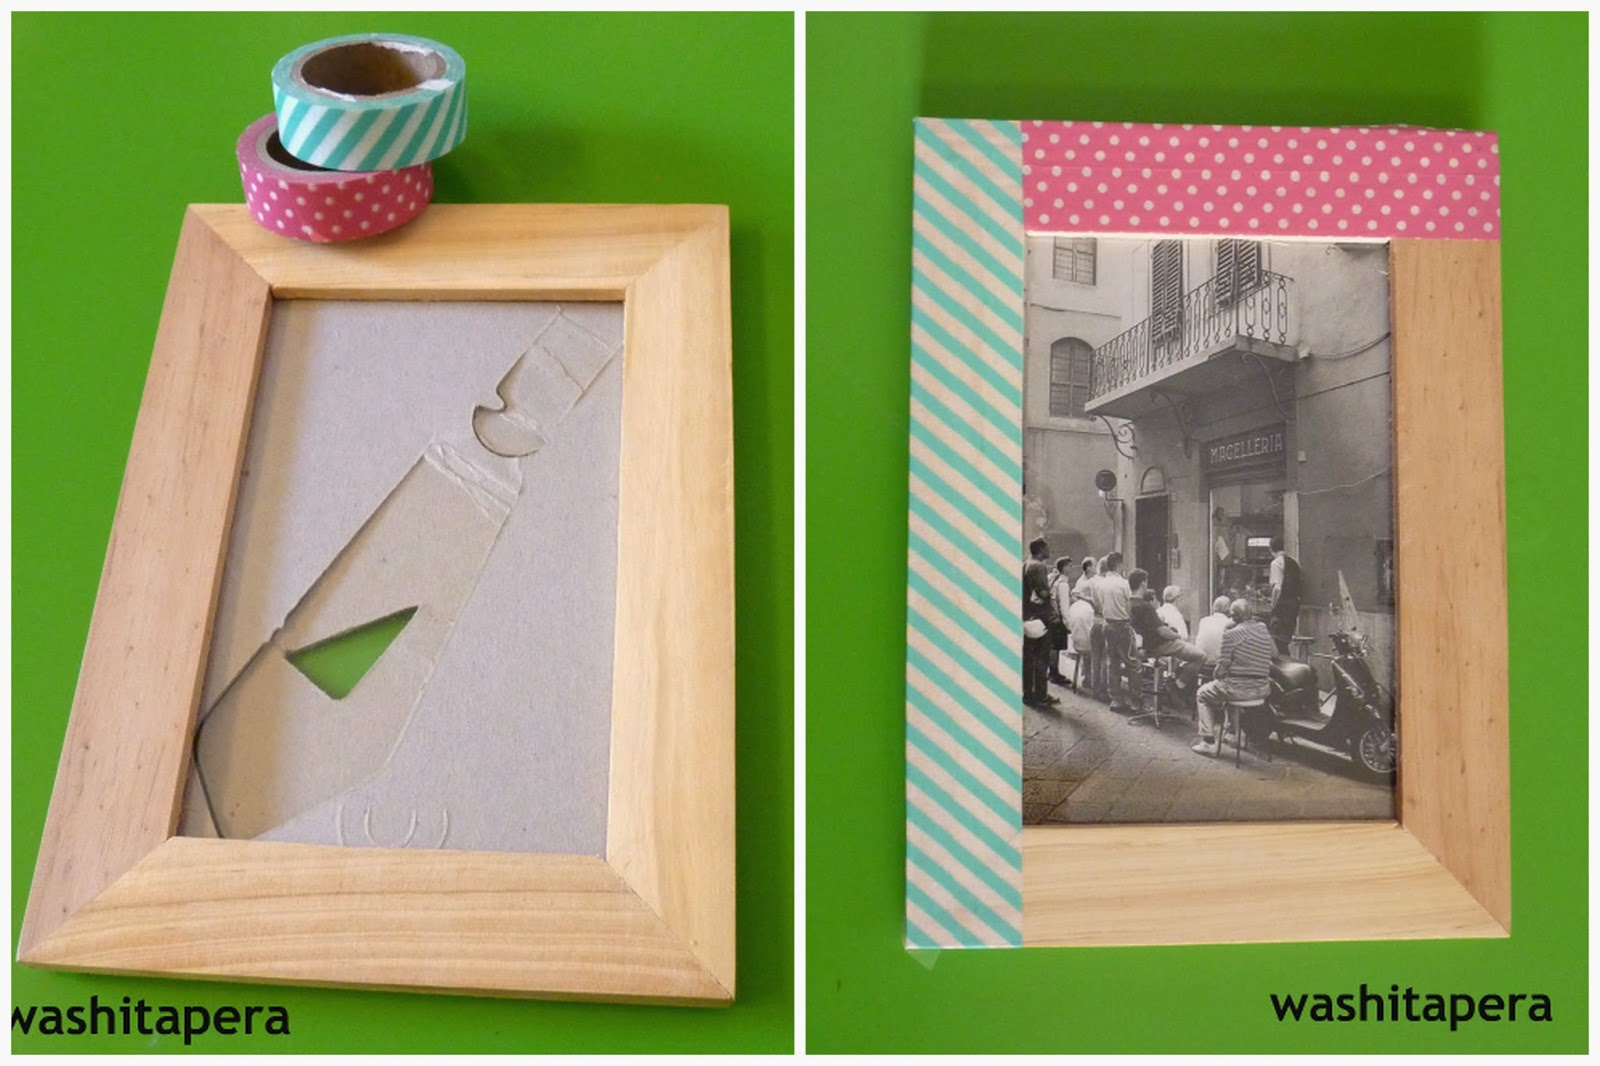 Arts And Crafts Un Marco Ram Decorado Con Washi Tape Mi Llave Allen - Decorar-marco-fotos